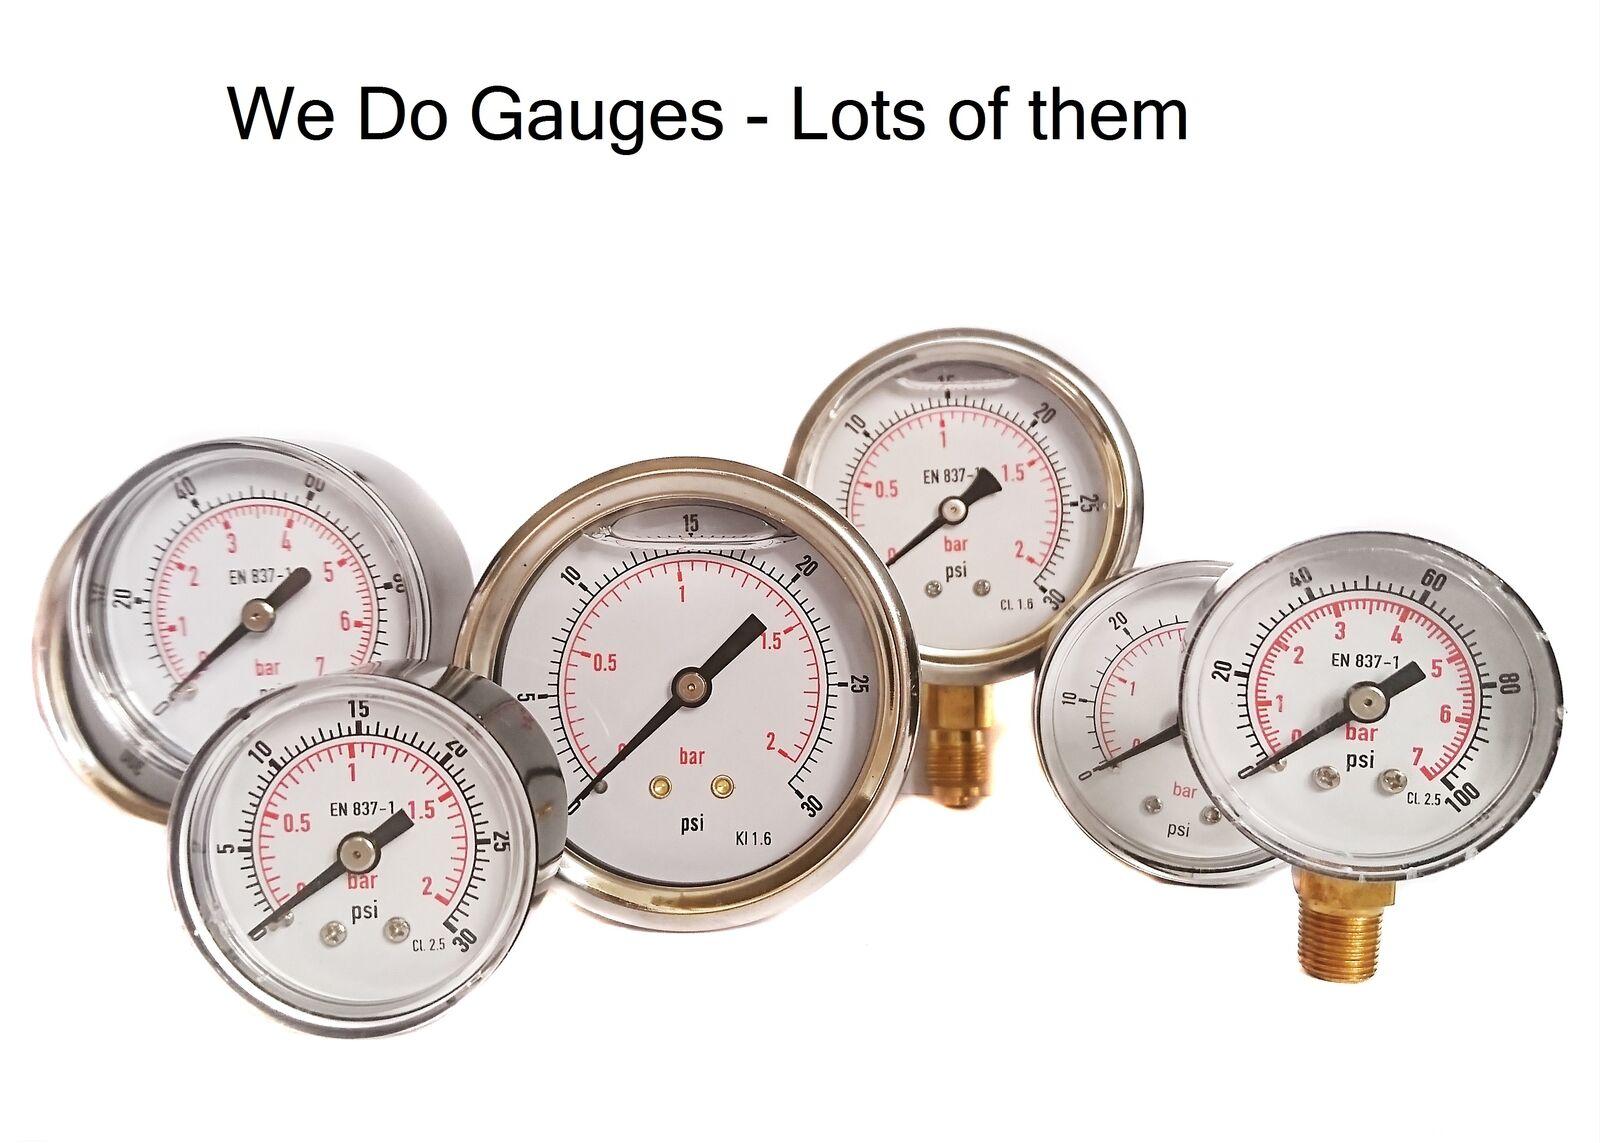 WeDoGauges